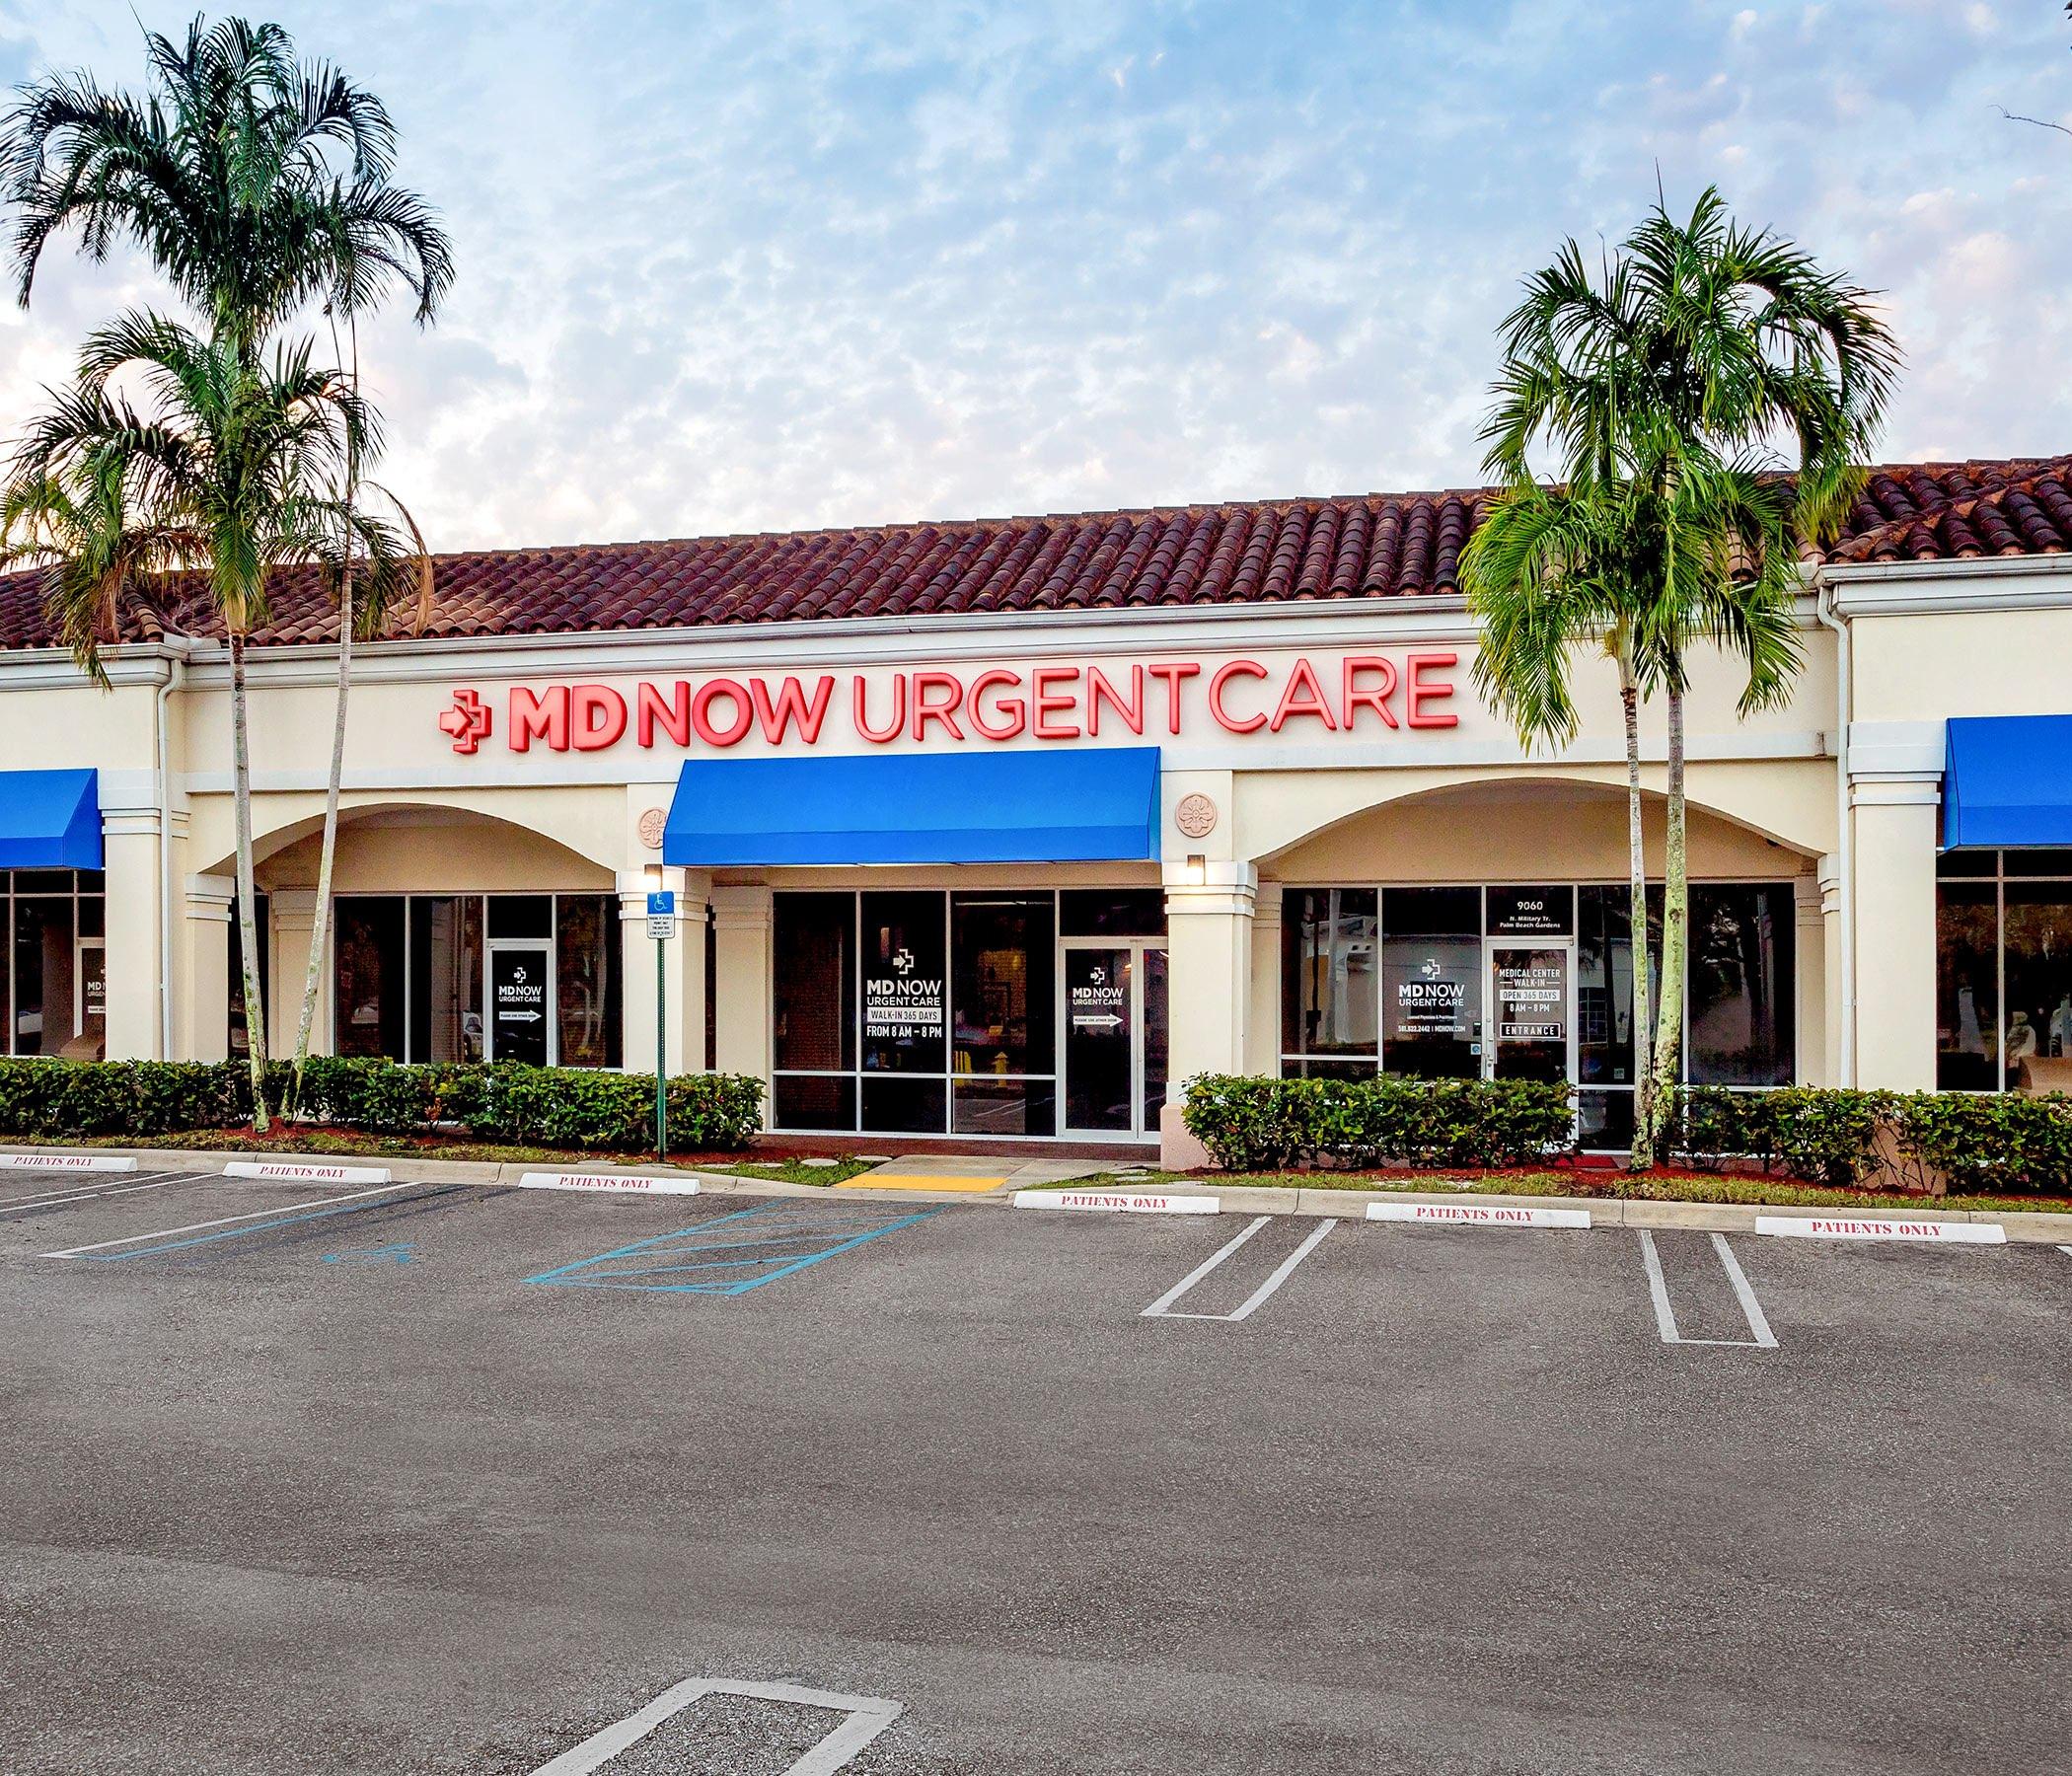 Palm Beach Gardens Urgent Care Md Now, Home Goods Palm Beach Gardens Florida